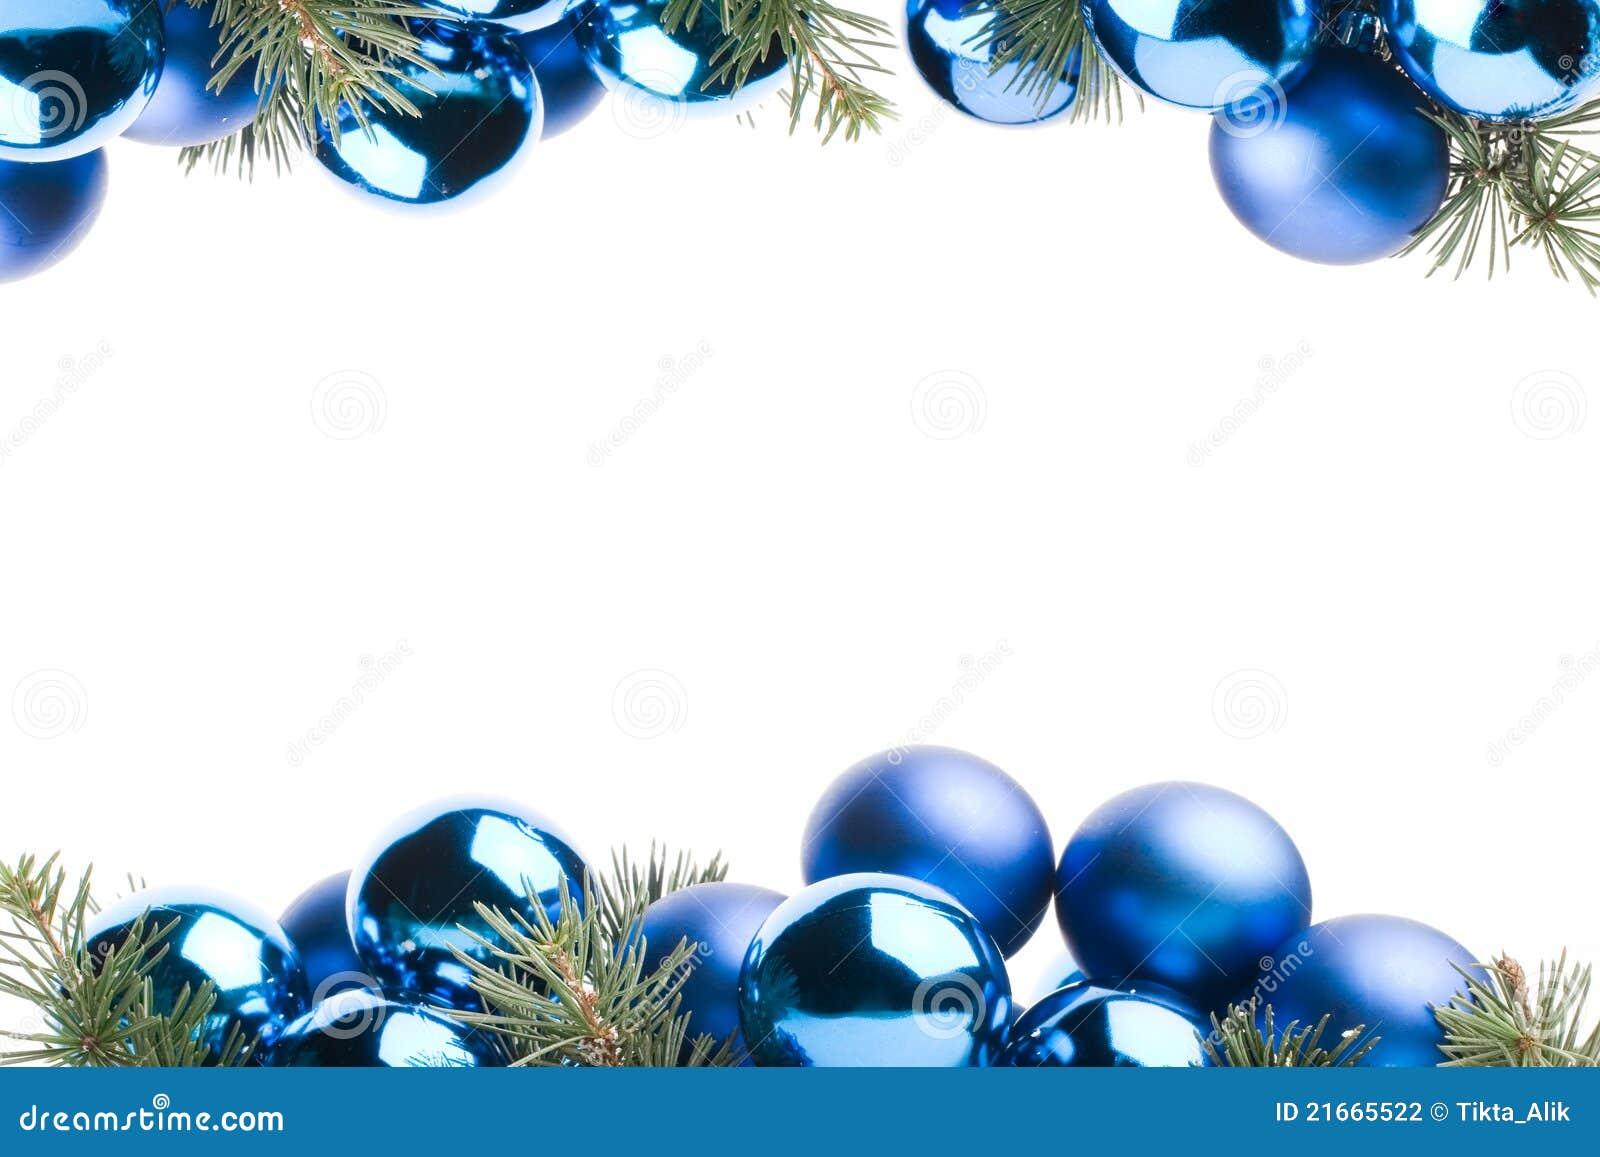 christmas border - Christmas Blue